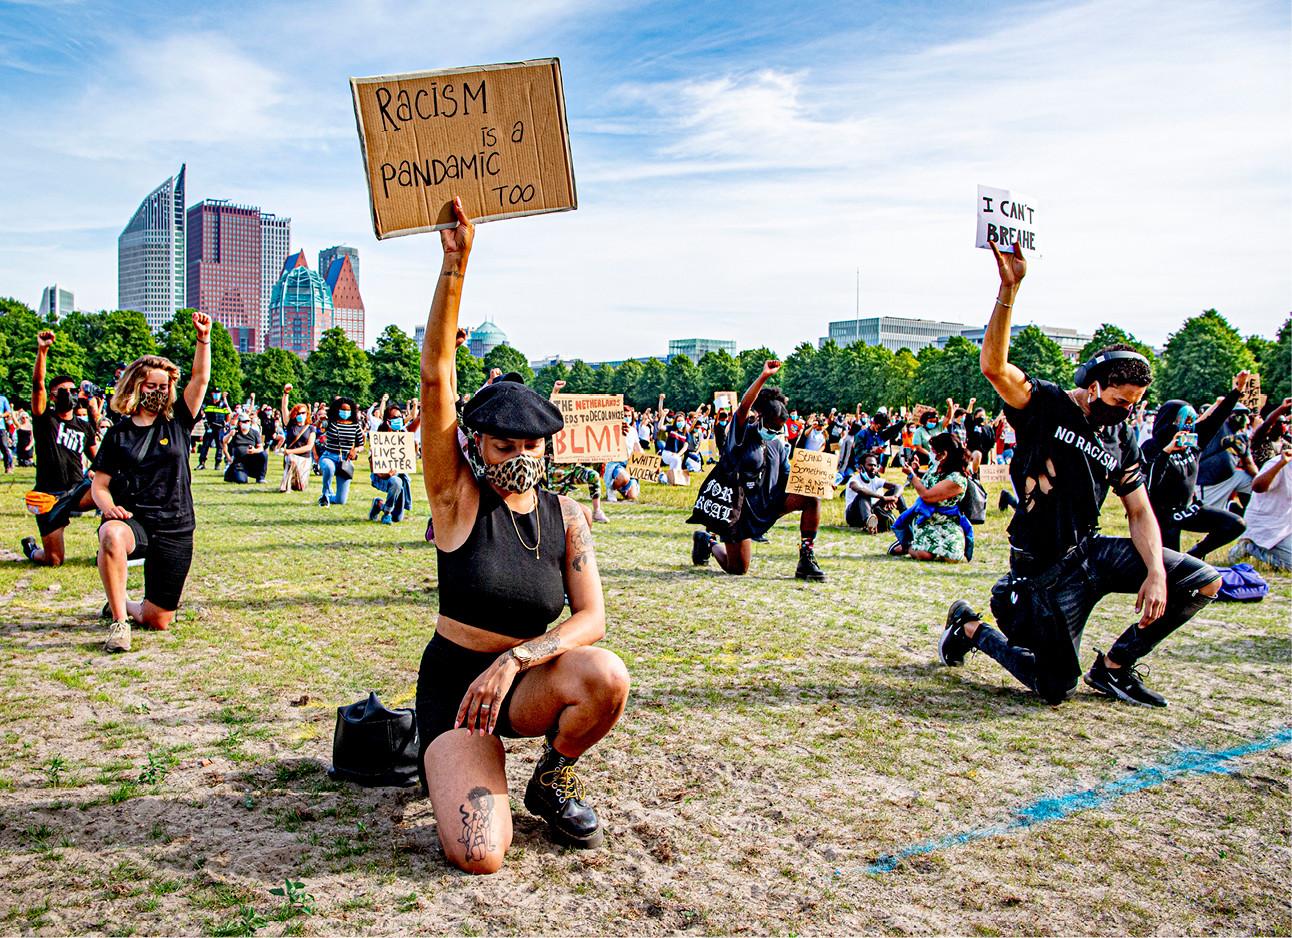 protest den haag, vrouwen en mannen op hun knieeen met protest borden racisme